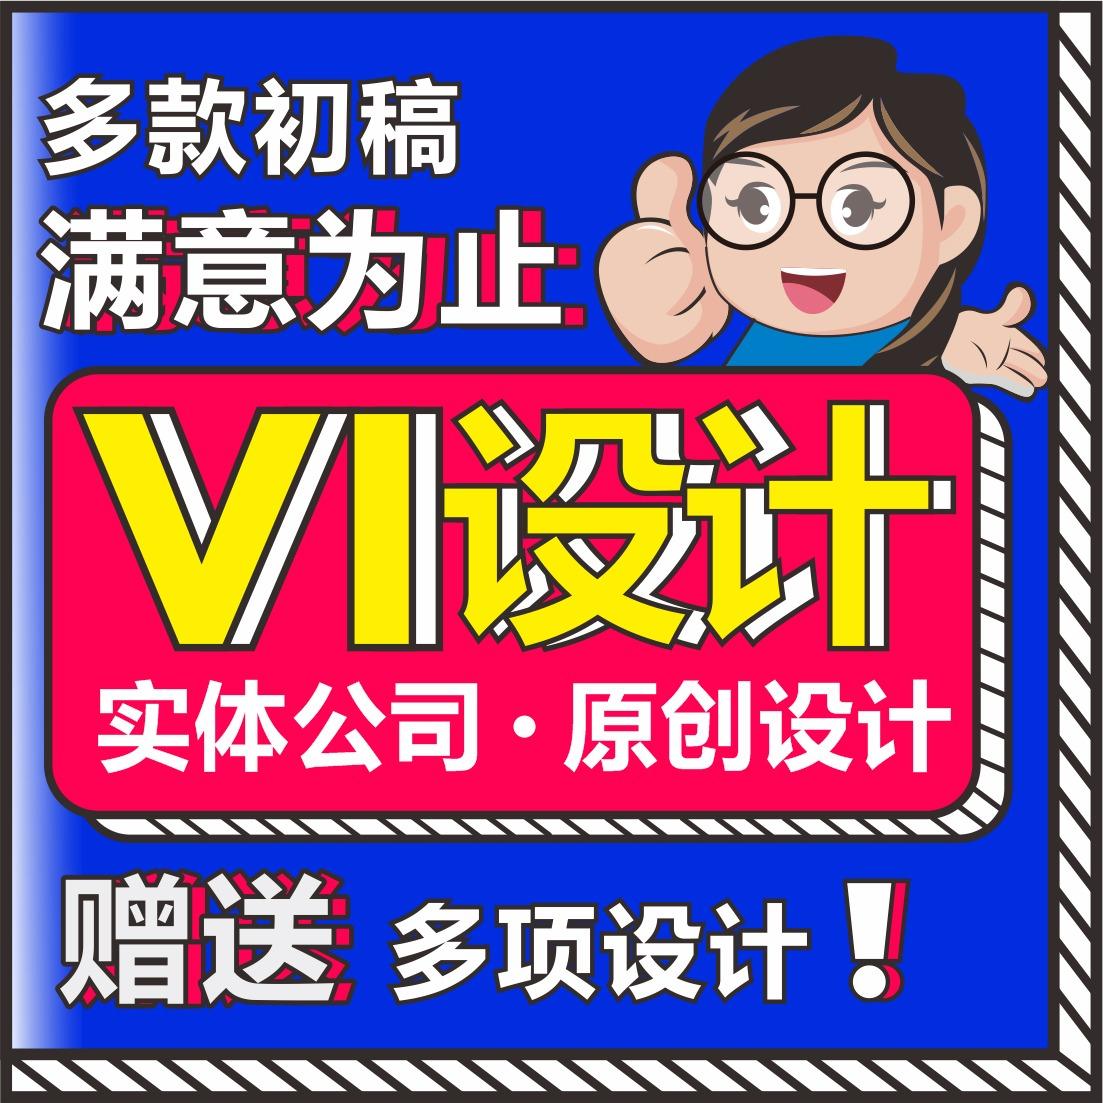 【预祥标准版VI设计套餐】企业公司高端品牌VI视觉系统设计